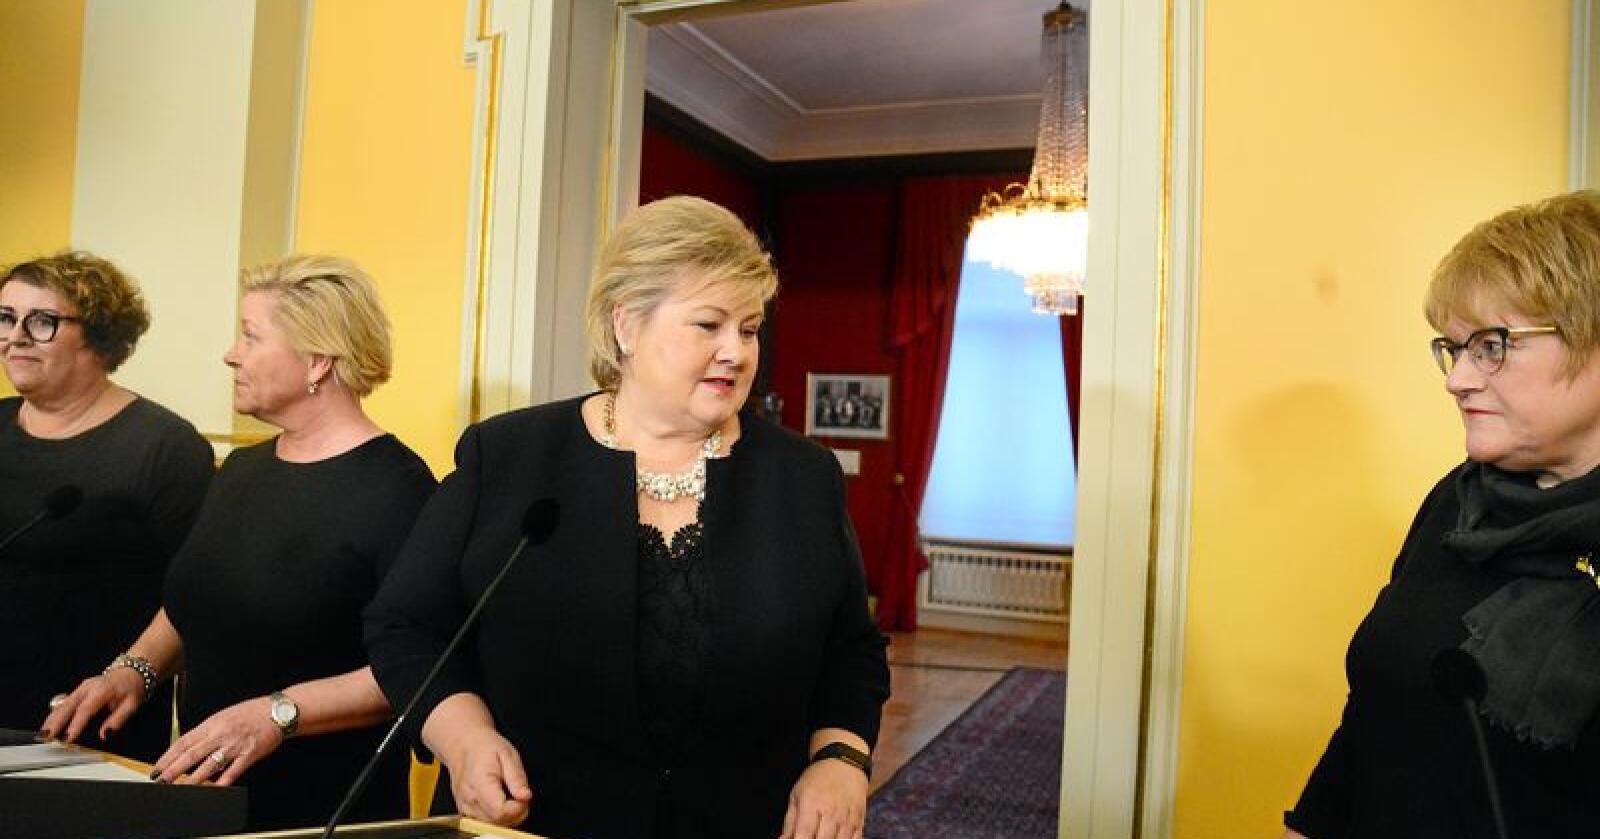 Utsatt til: Olaug Bollestad (KrF, t.v) og Venstres Trine Skei Grande (t.h) ligger an til å få tilsammen fire stortingsseter. Foto: Siri Juell Rasmussen